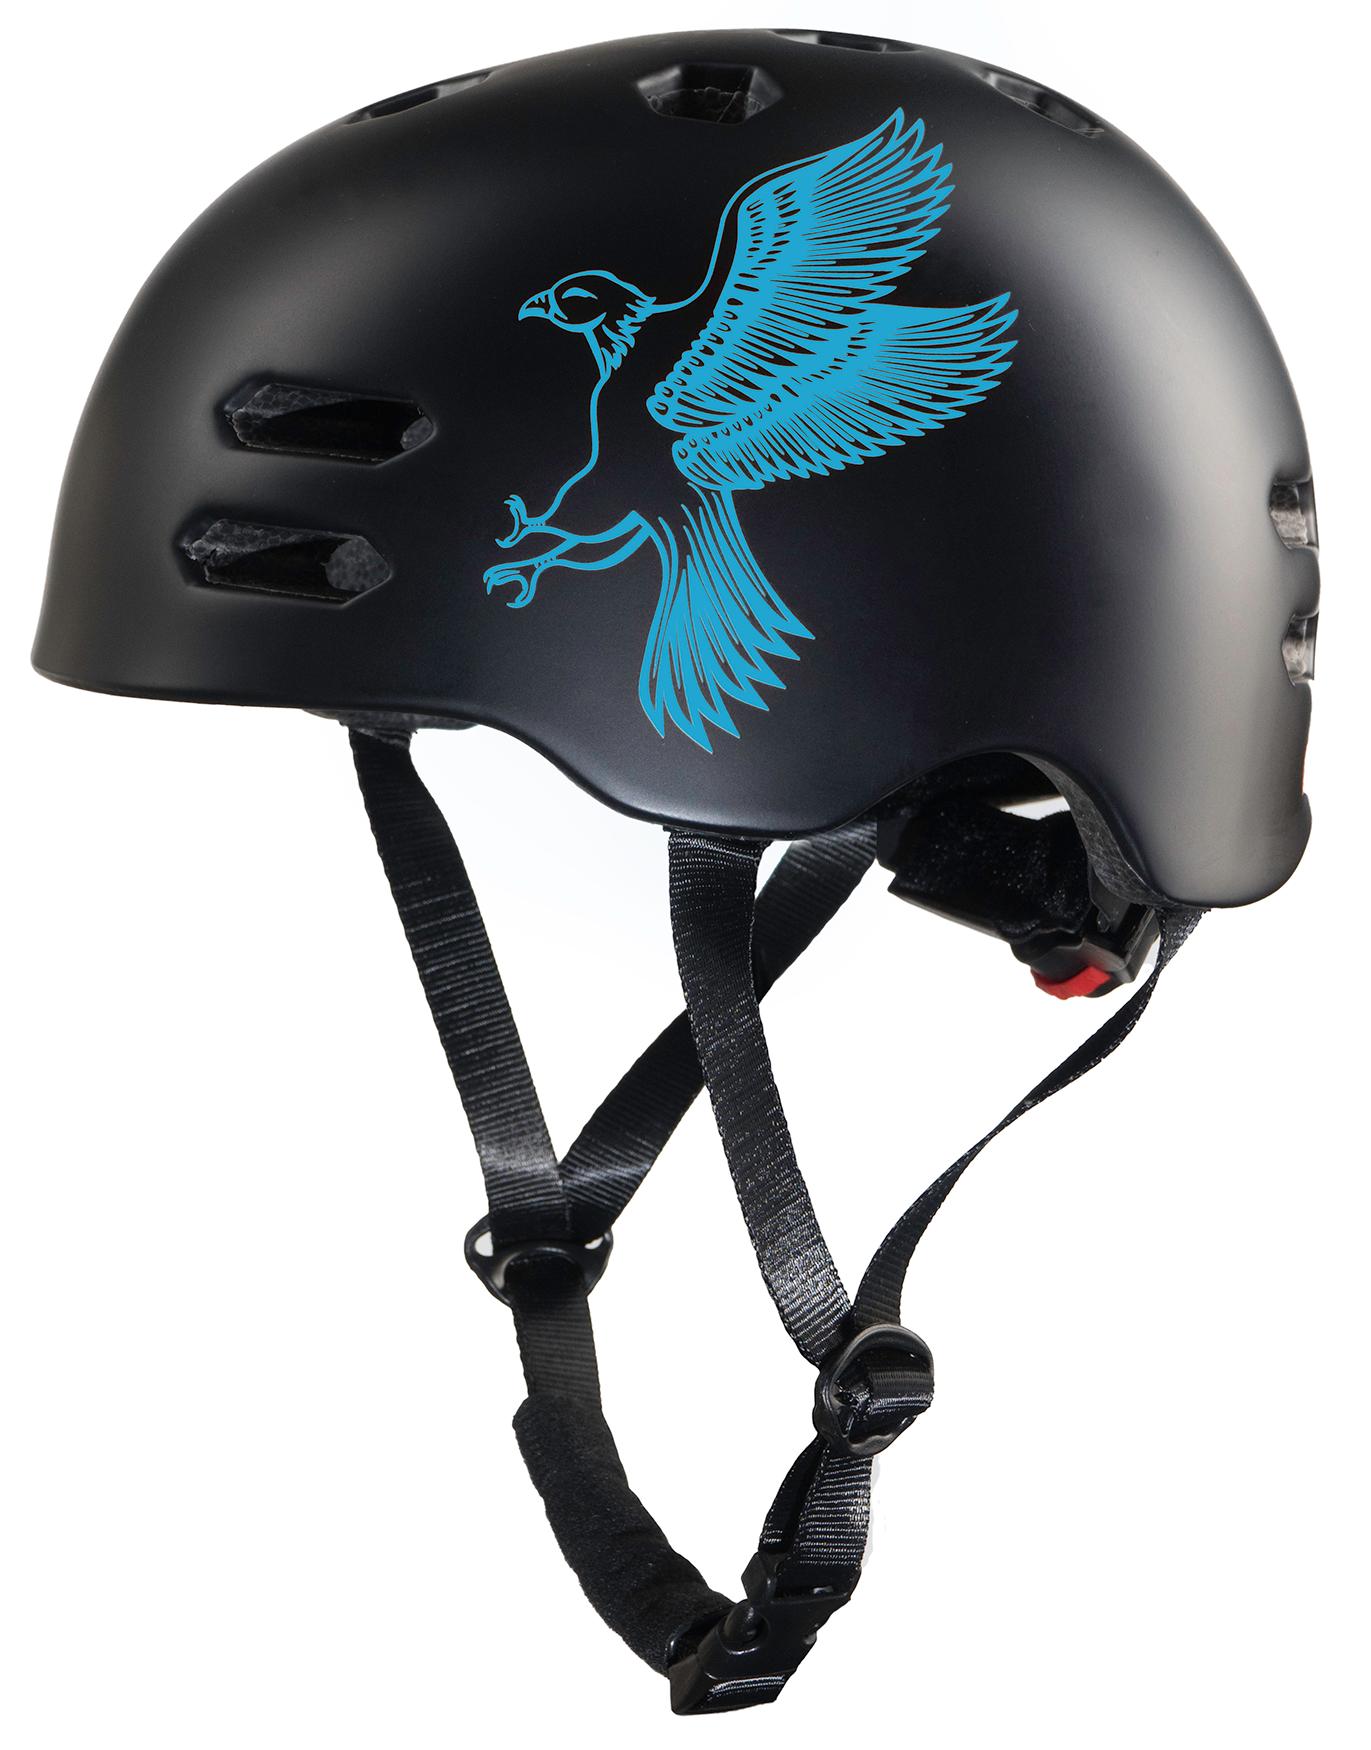 fahrradhelm f r kinder in gr e s 53 55 cm mit drehring zubeh r accessoires produkte. Black Bedroom Furniture Sets. Home Design Ideas